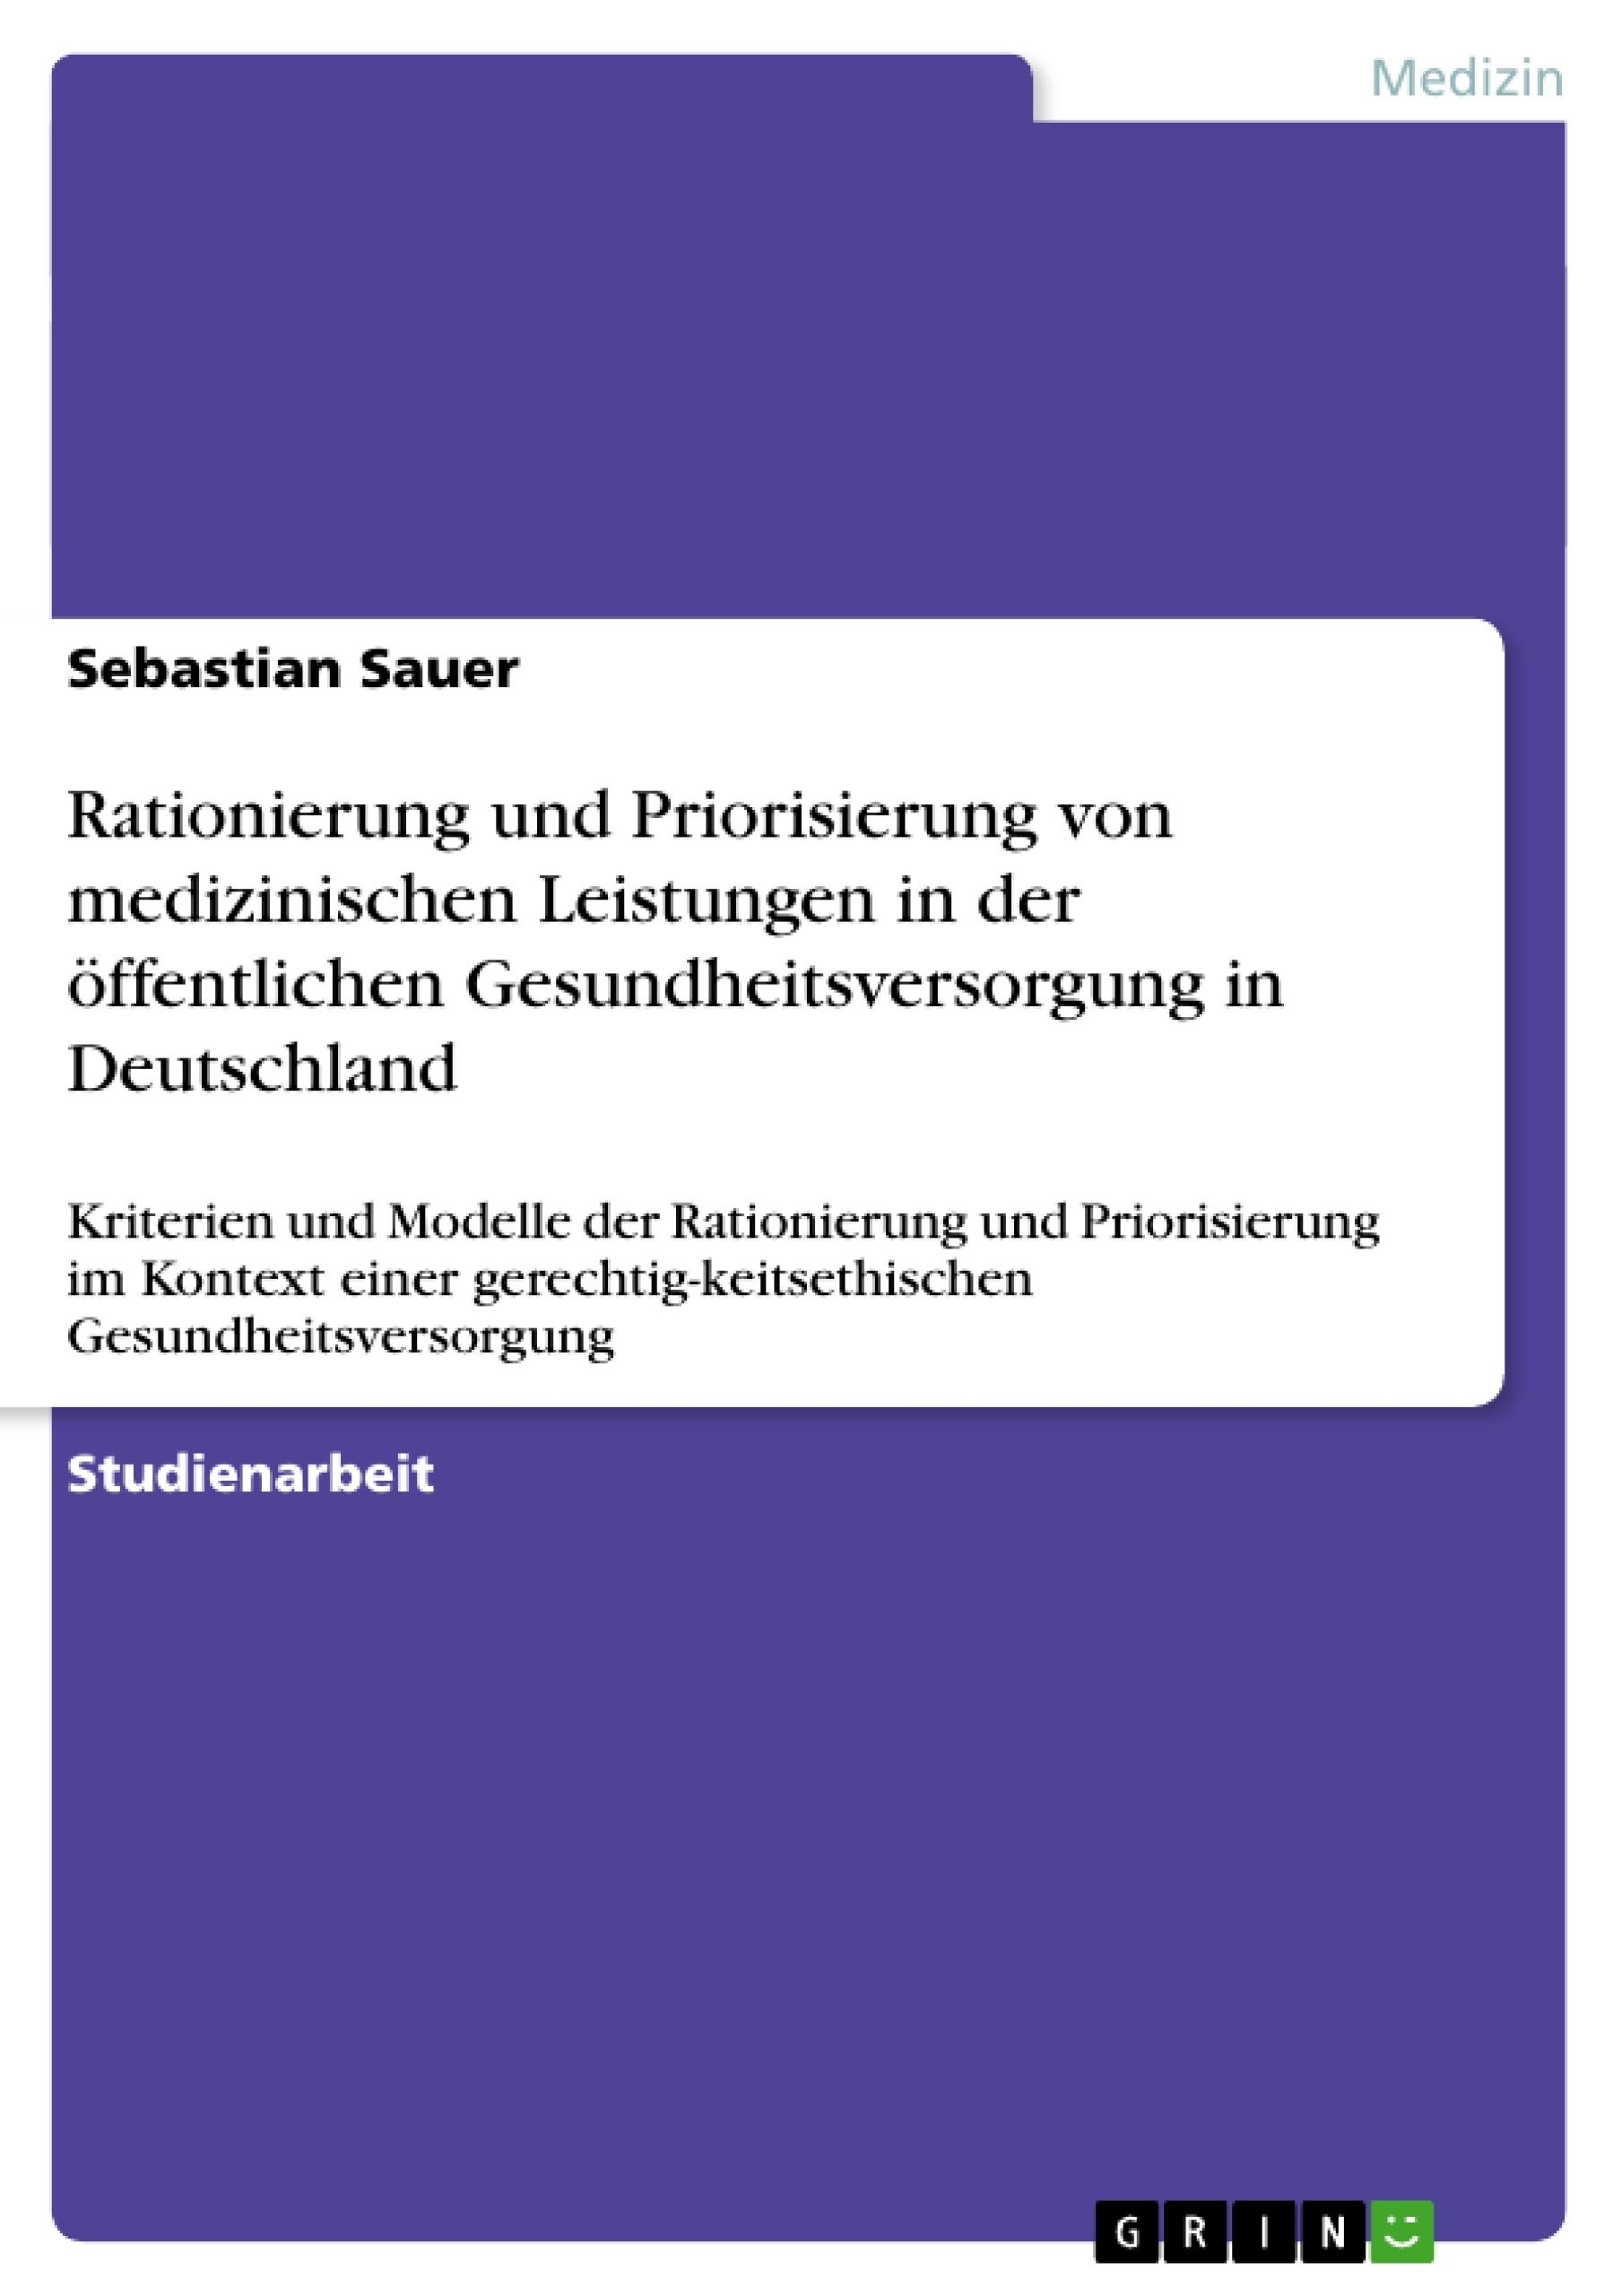 Titel: Rationierung und Priorisierung von medizinischen Leistungen in der öffentlichen Gesundheitsversorgung in Deutschland